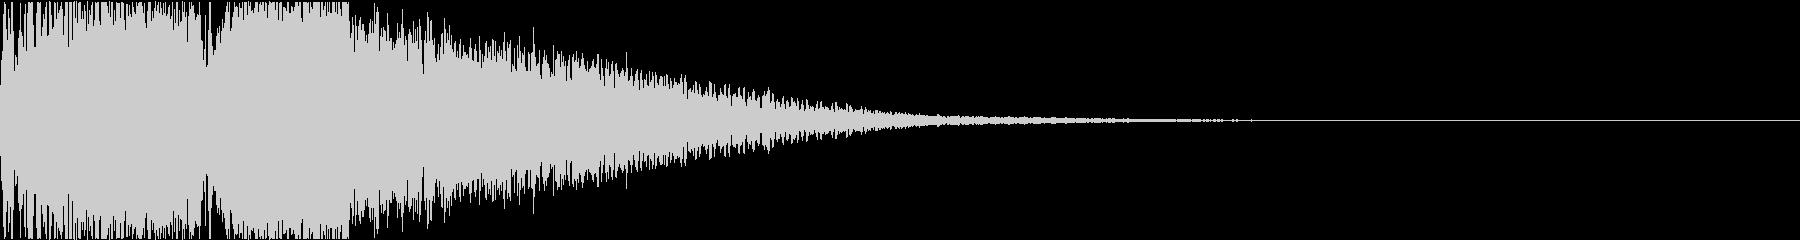 攻撃 スマッシュ シャキーン 魔法 01の未再生の波形